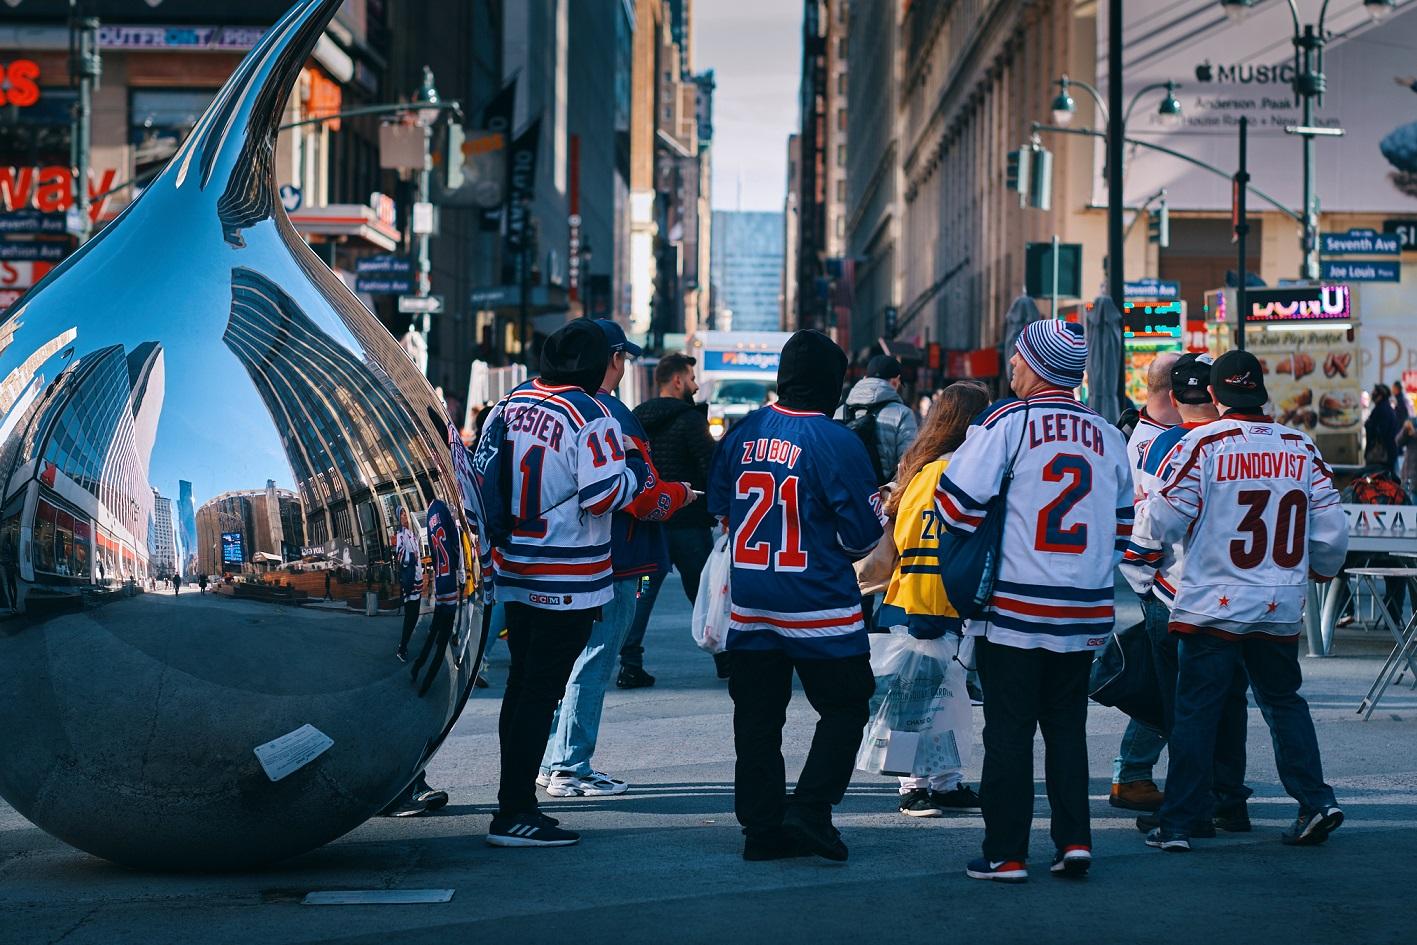 NHL-resor - Boka din paketresa hos oss till världens bästa hockey.